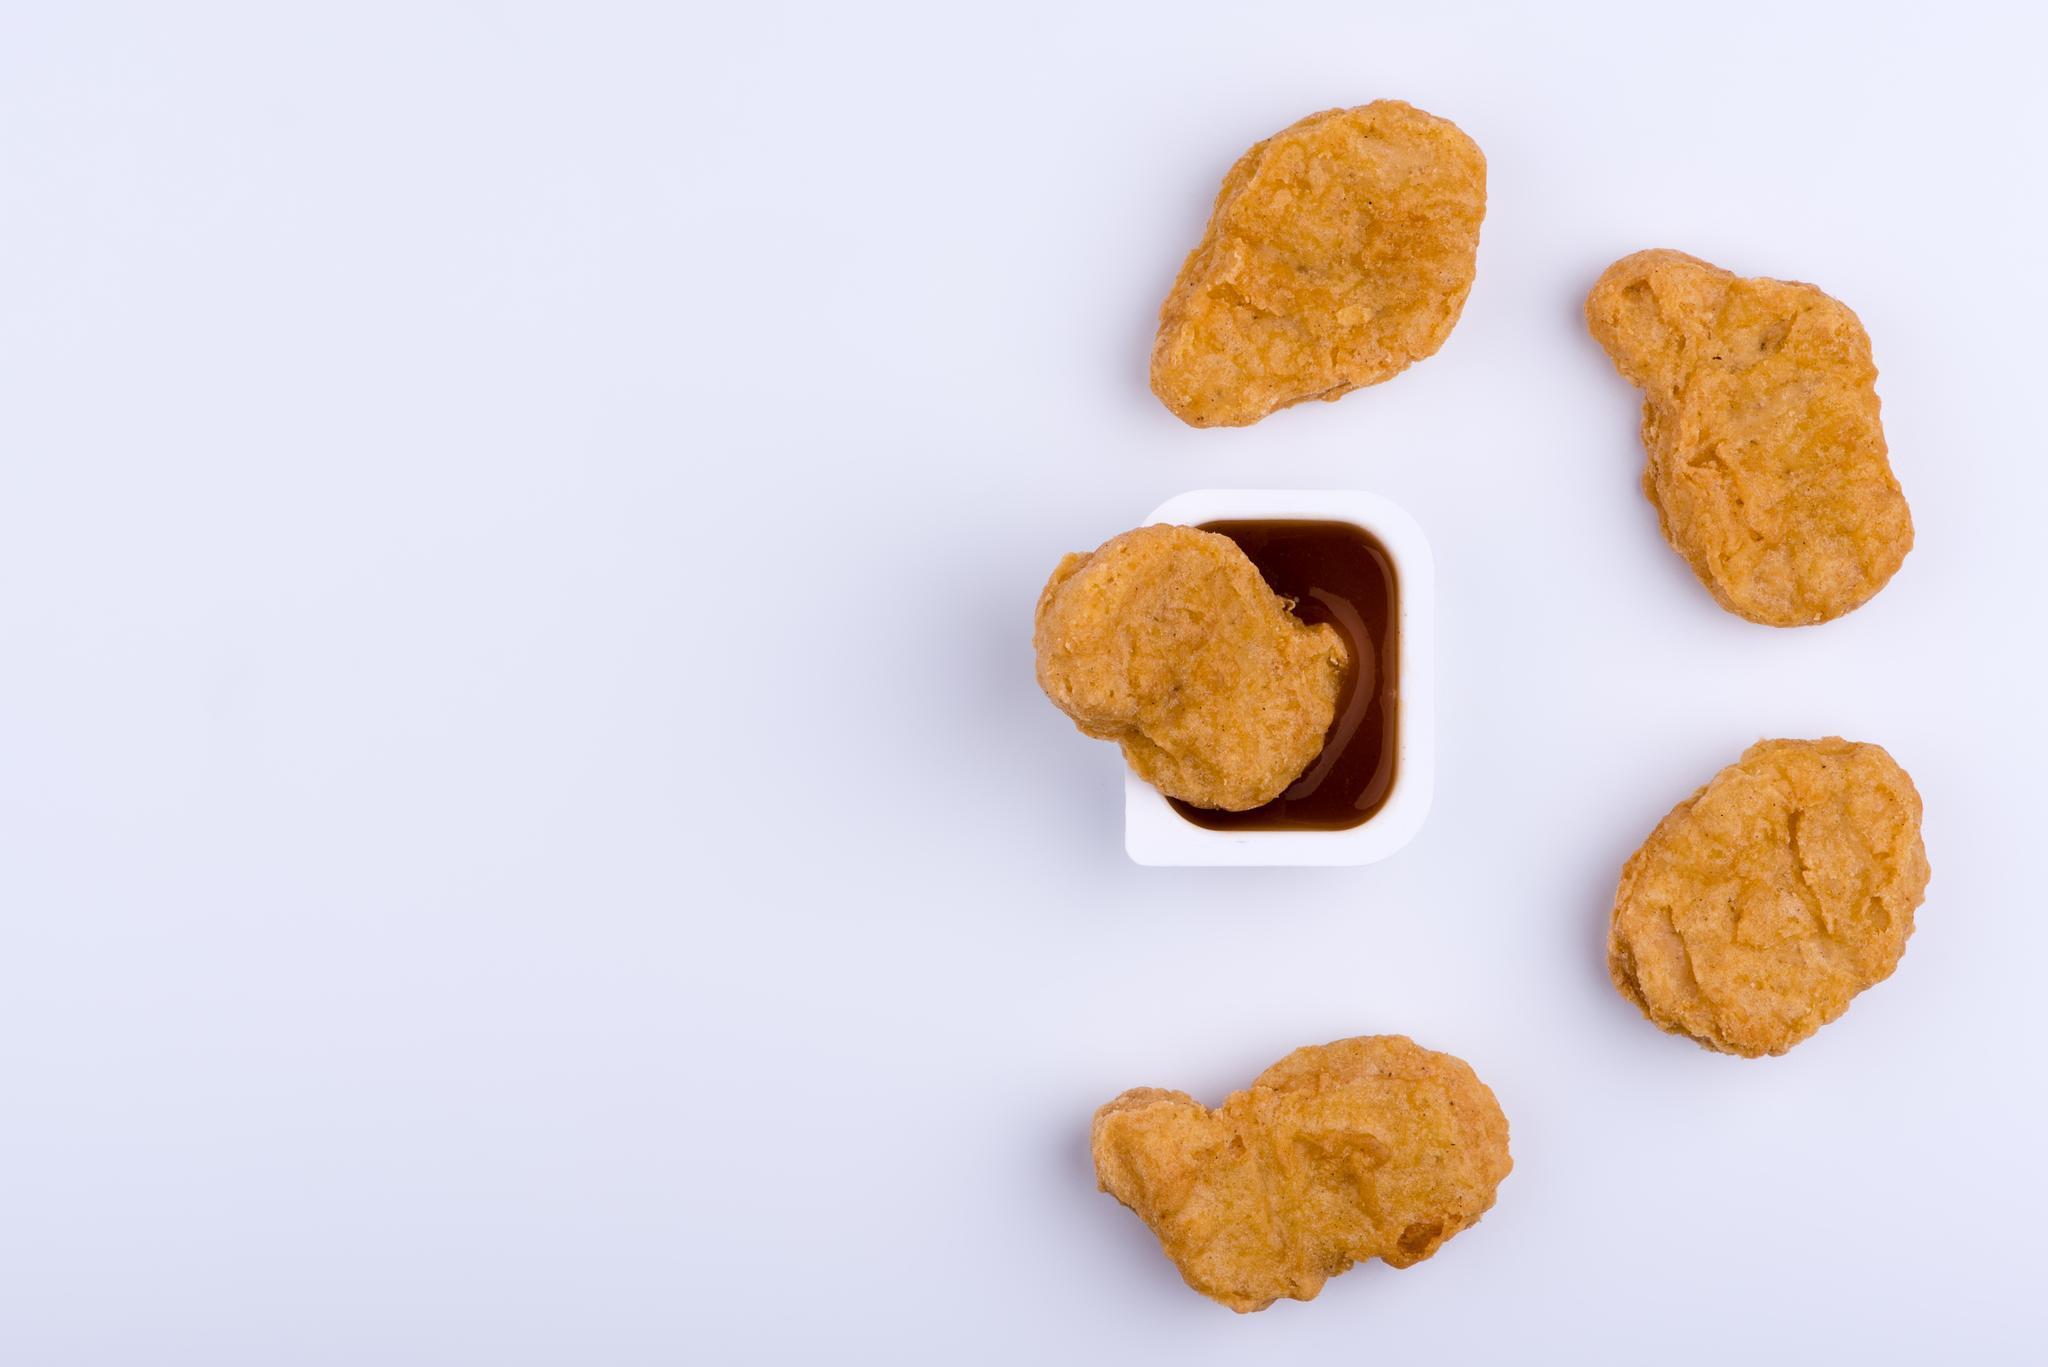 chicken nuggets hiernach werden sie diese nie wieder essen knnen sternde - Fantastisch Garageneinfahrt Am Hangil